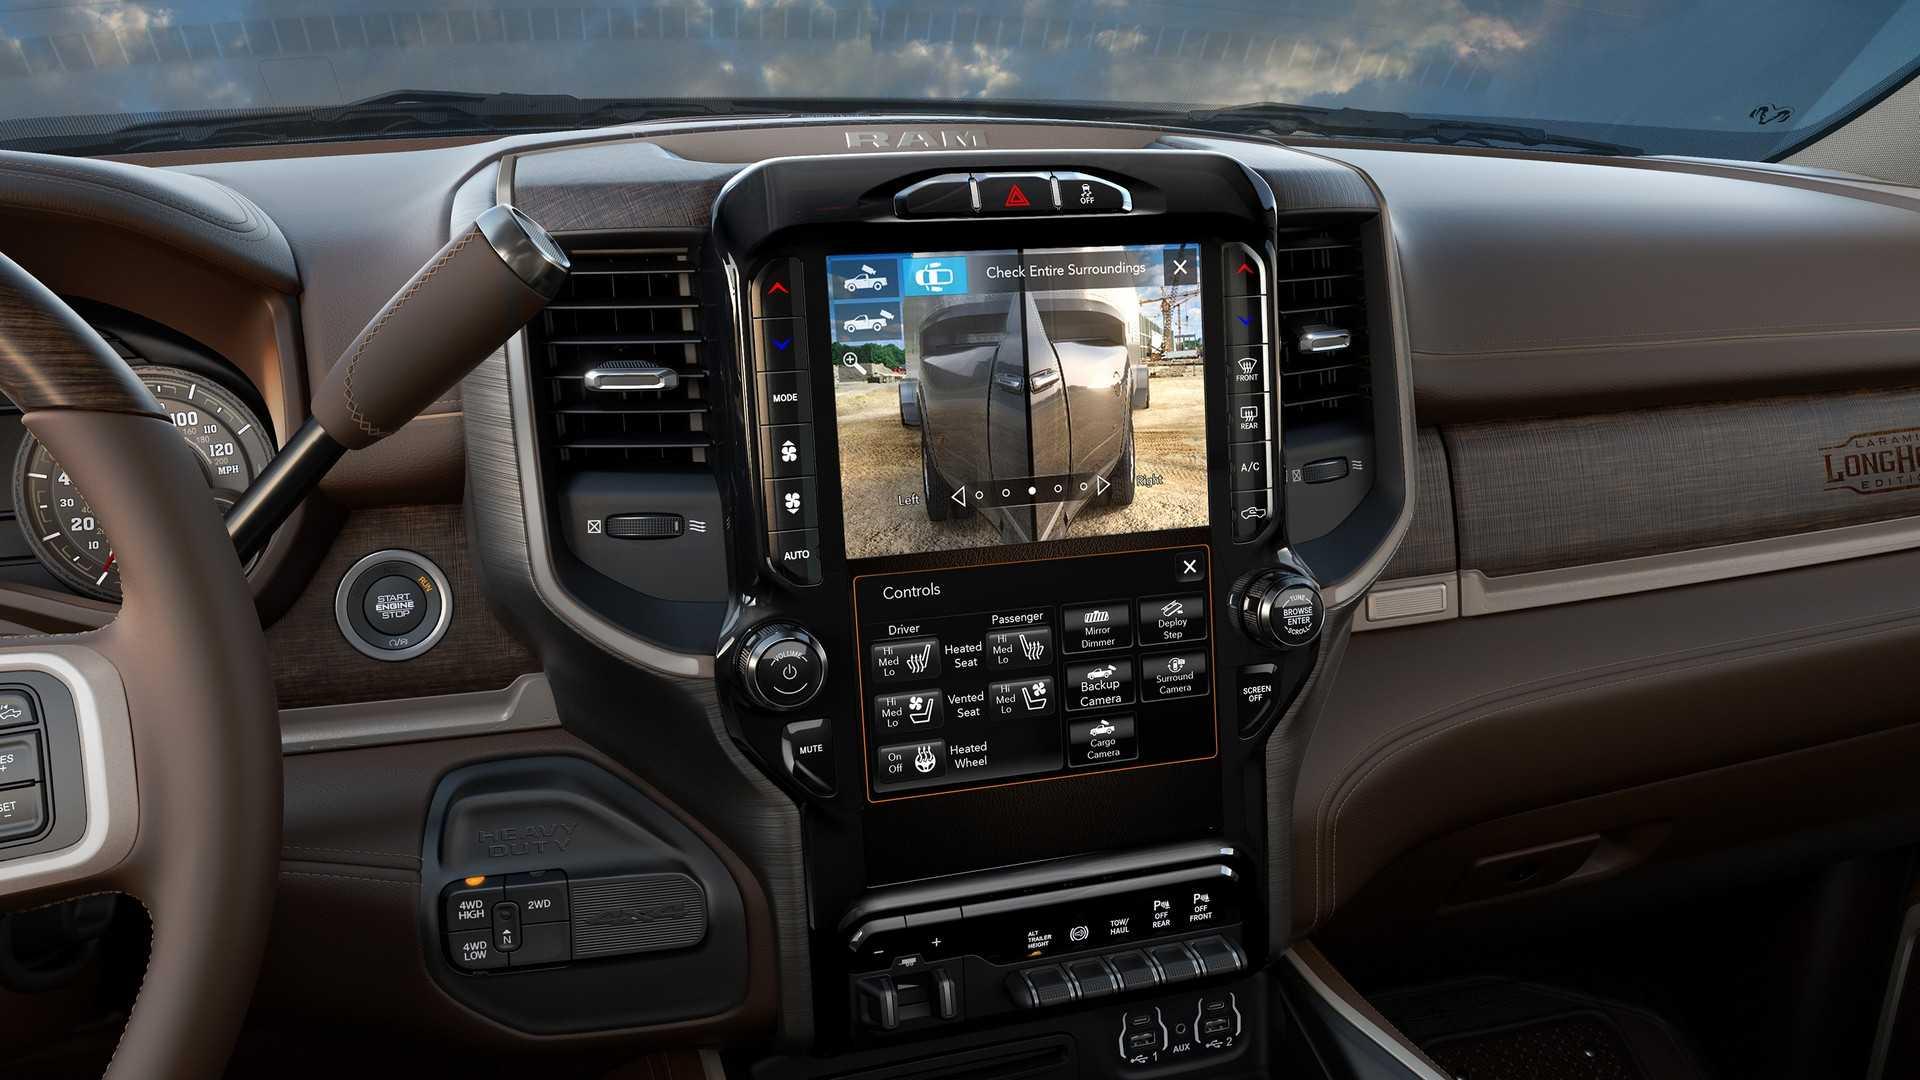 2019-ram-heavy-duty-interior (26)